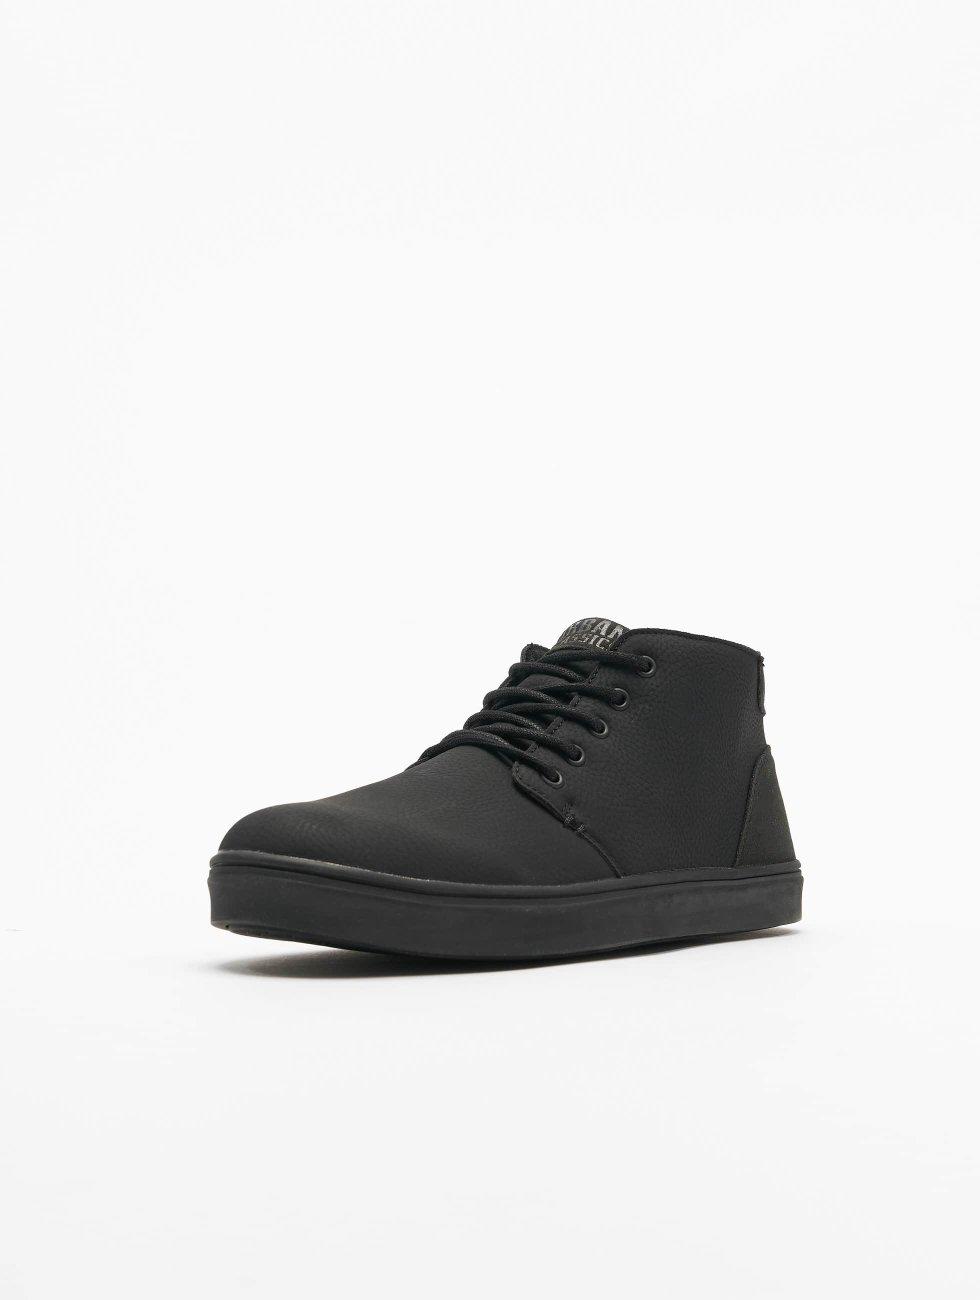 Urban Classics Scarpa / Sneaker Hibi Bromuro In Nero 293.738 SpqfACi